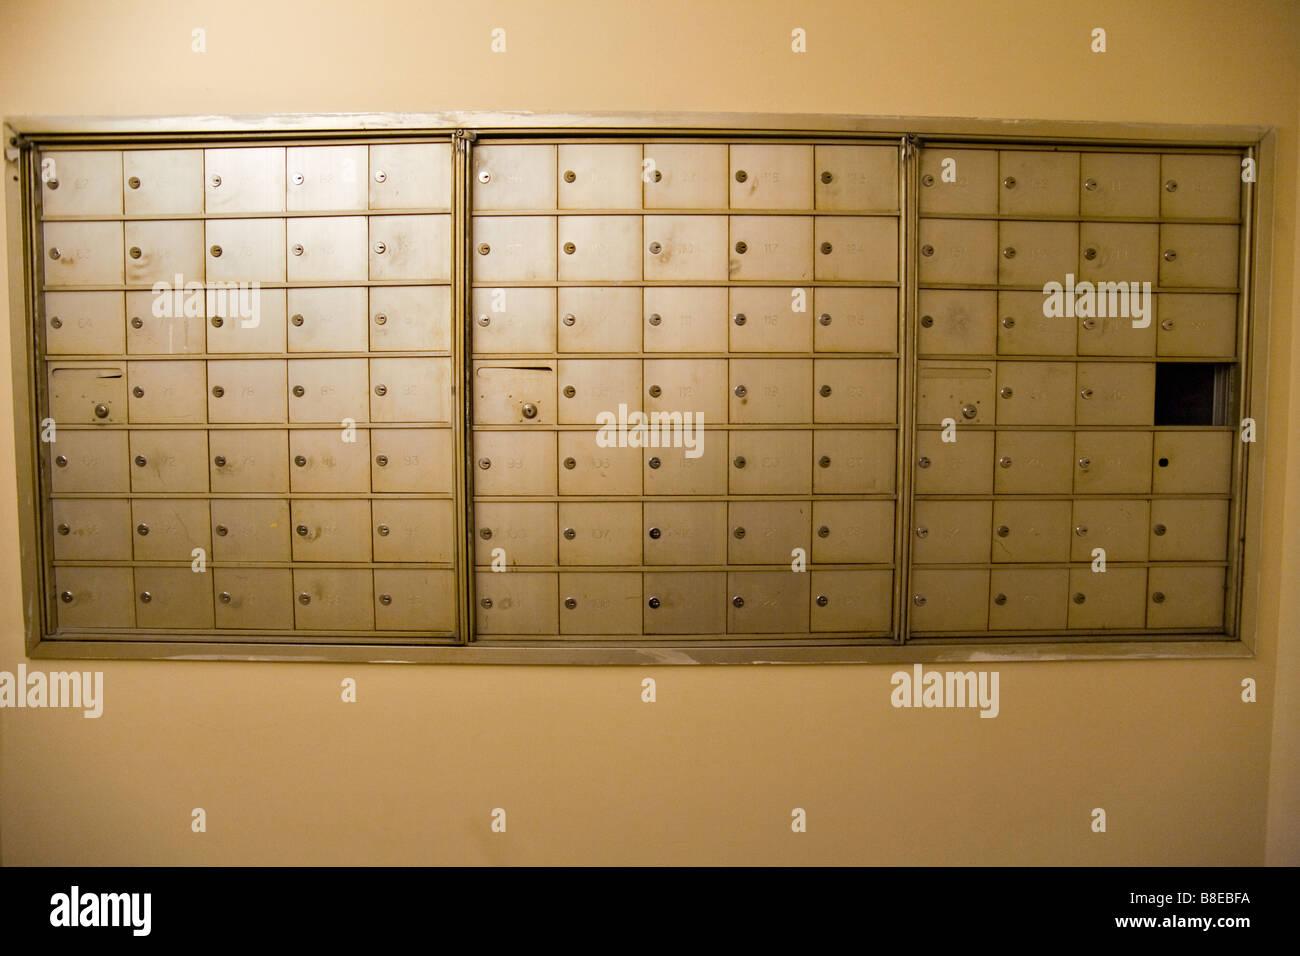 Postfächer in einem Mehrfamilienhaus Stockfoto, Bild: 22443998 - Alamy